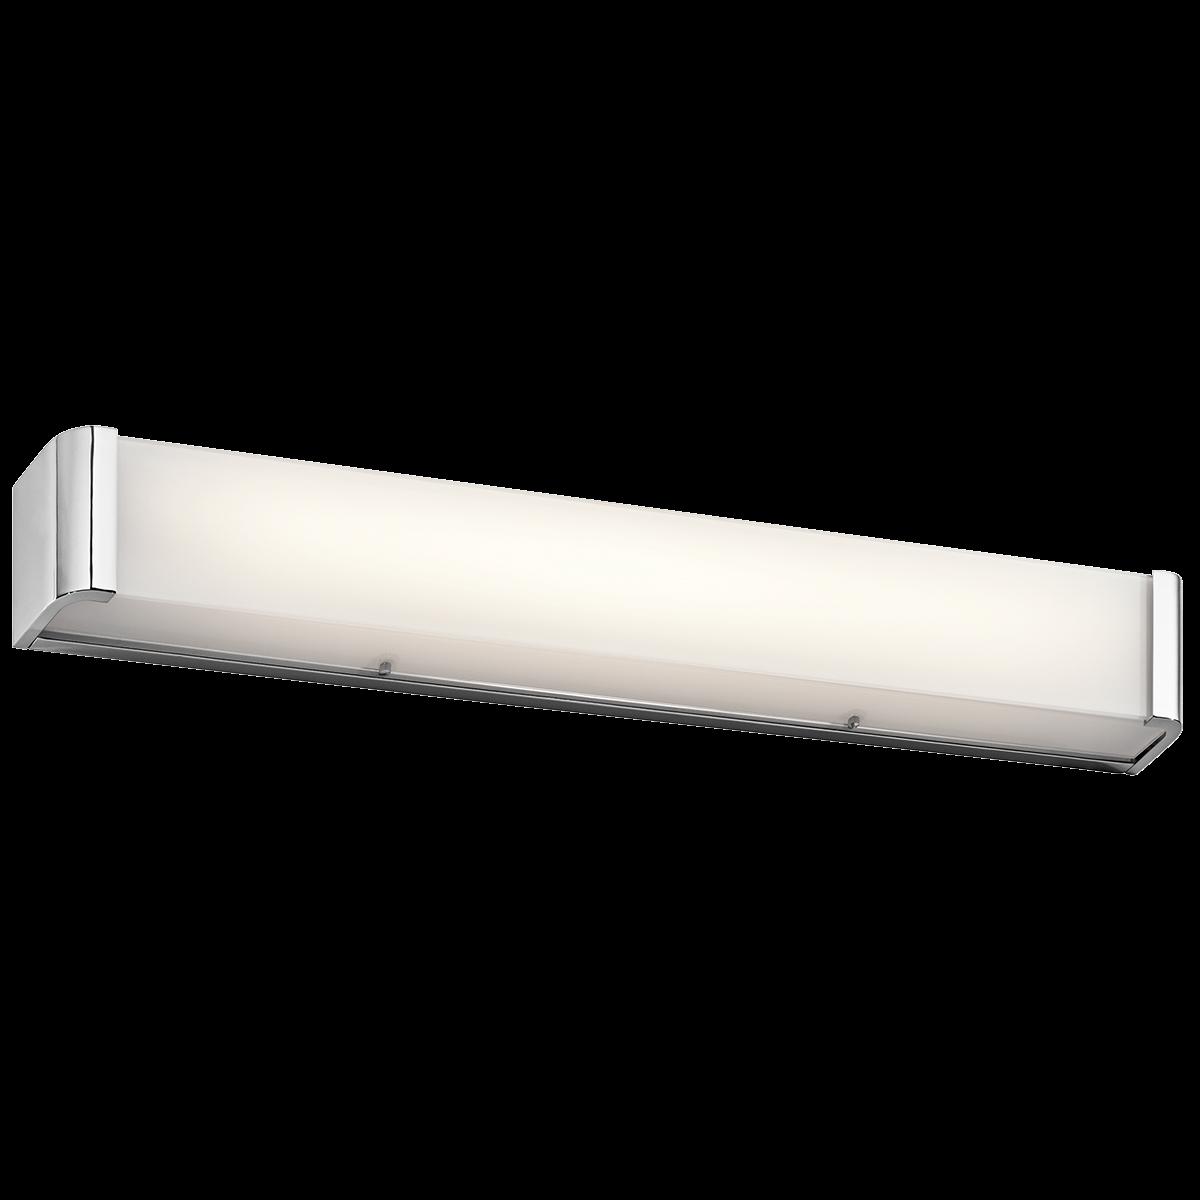 Landi LED Linear Bath Light In Chrome Lighting New Pinterest - Linear bathroom lighting